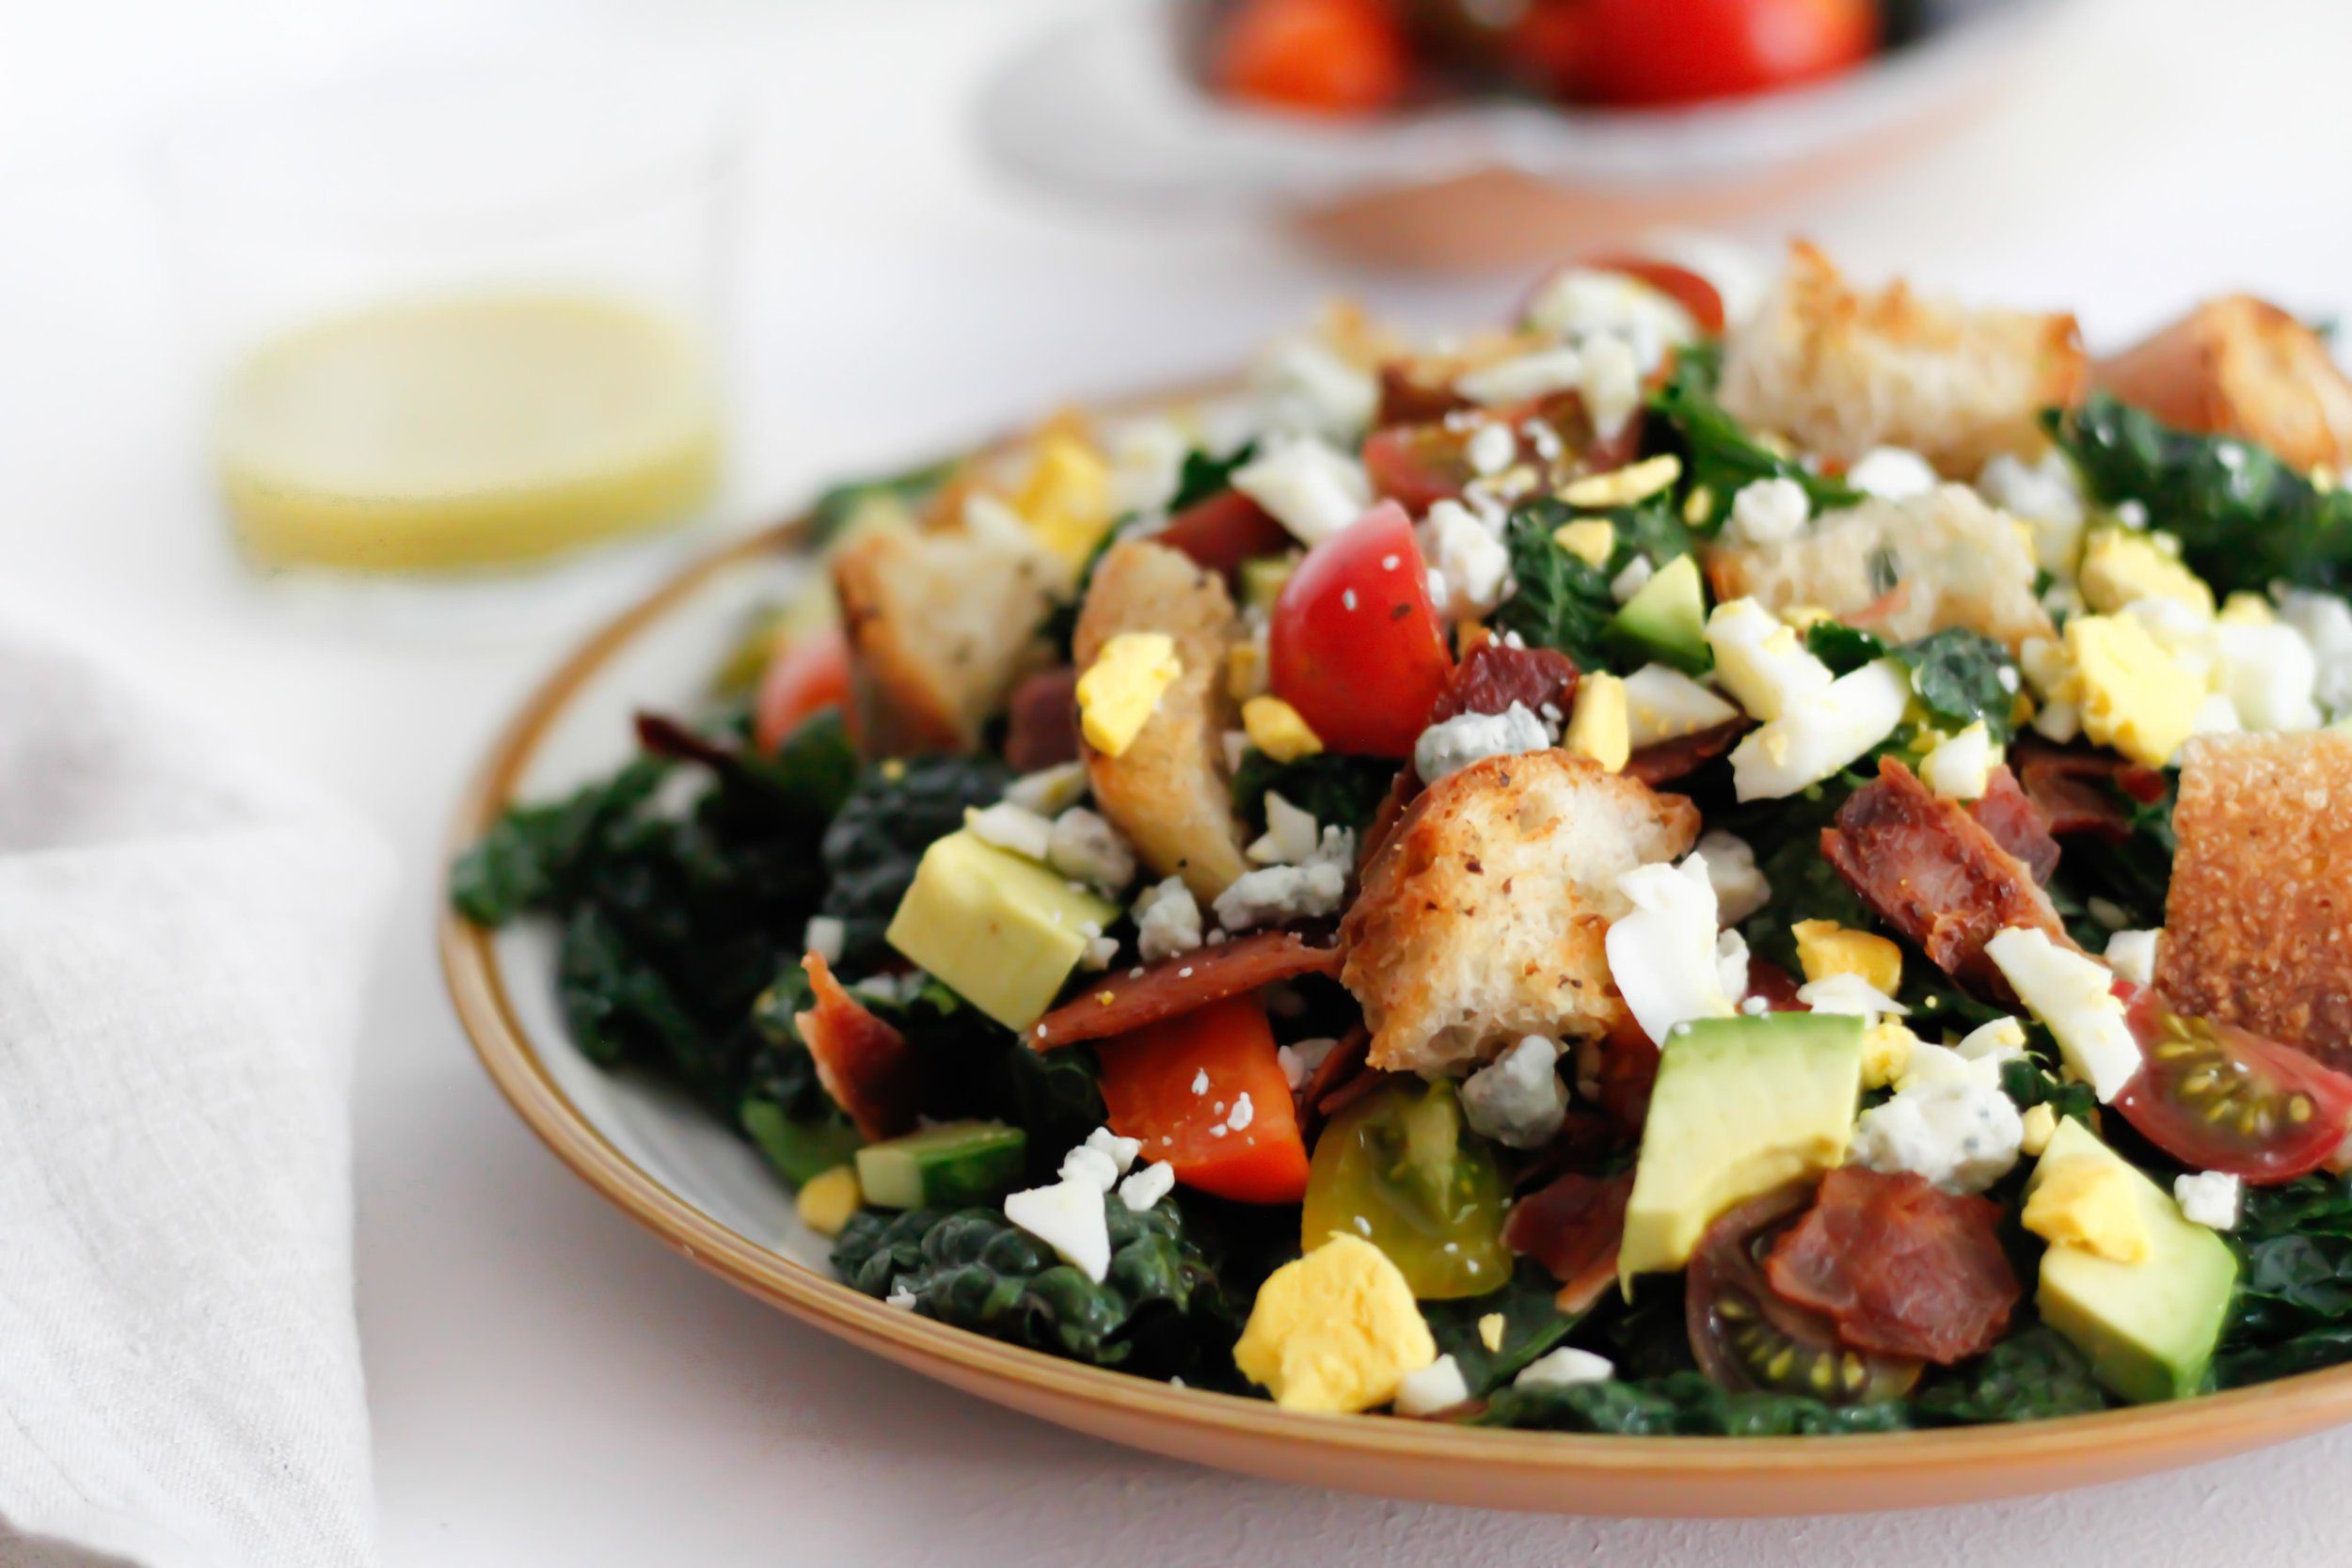 Kale cobb salad